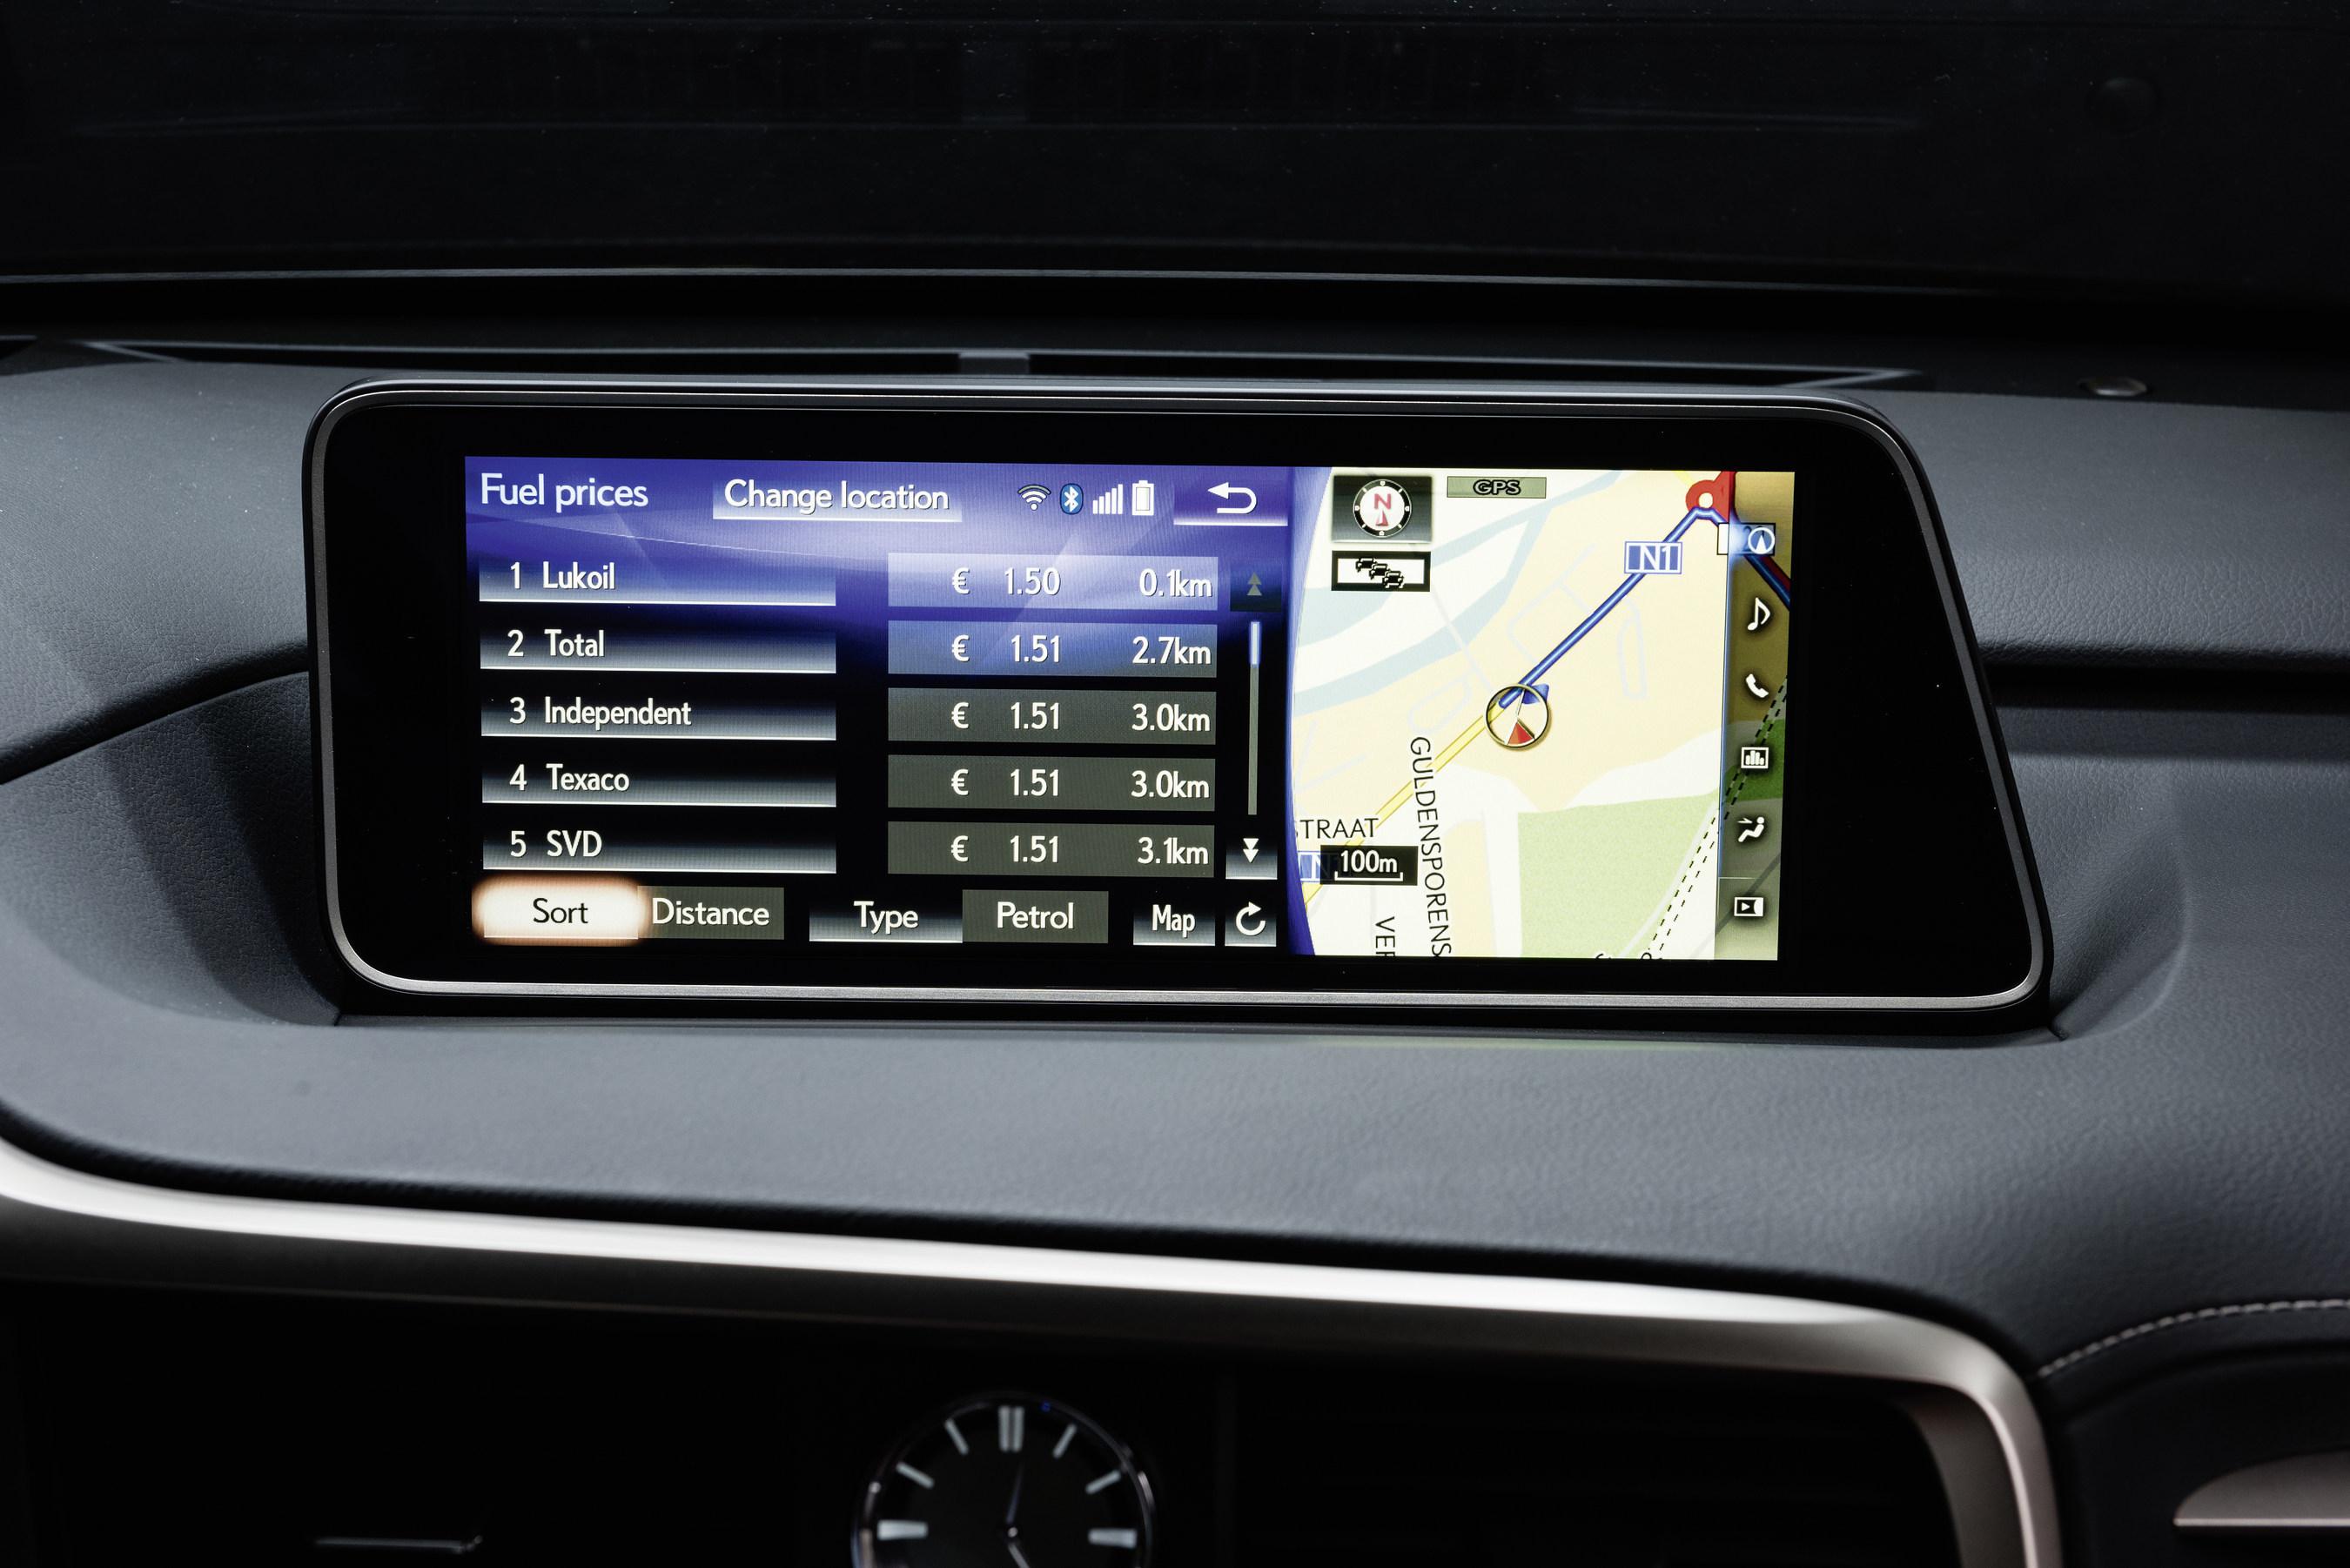 Lexus étend son partenariat avec INRIX pour inclure ses services Weather et Fuel